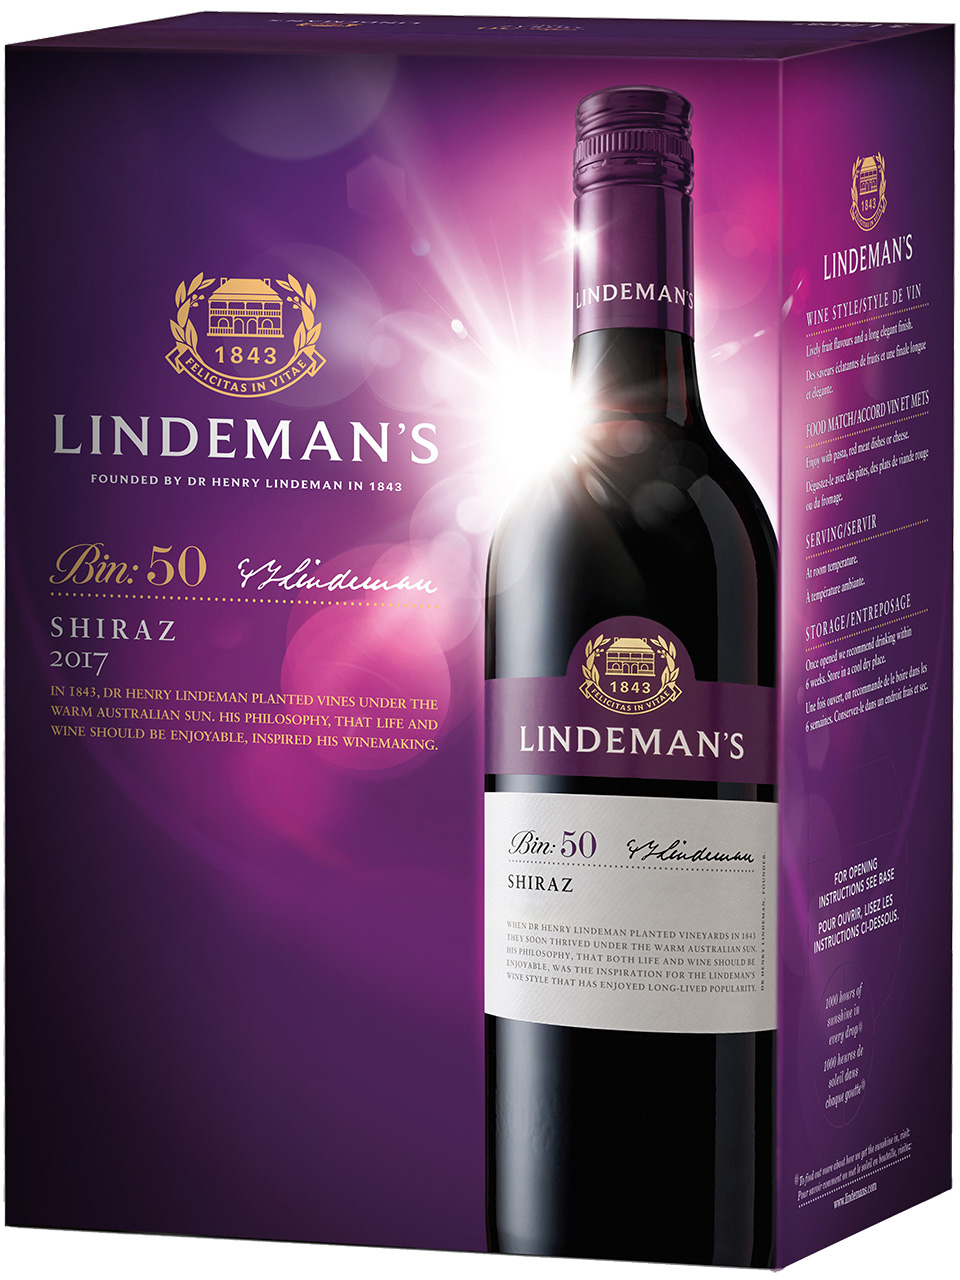 Lindeman's Bin 50 Shiraz